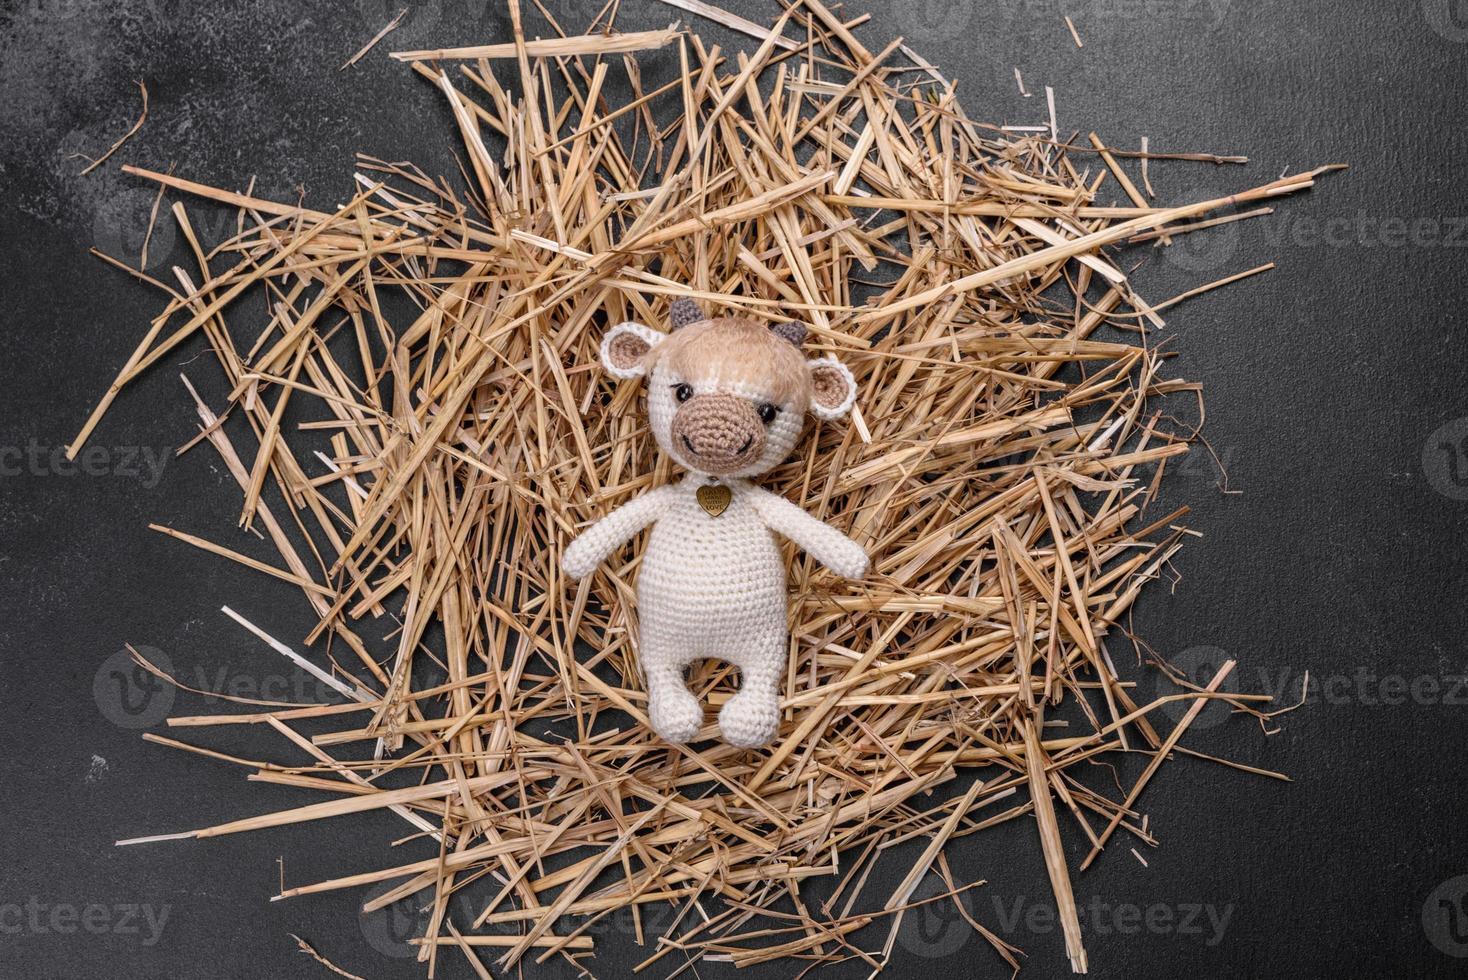 taureau jouet tricoté de fils clairs sur fond sombre photo